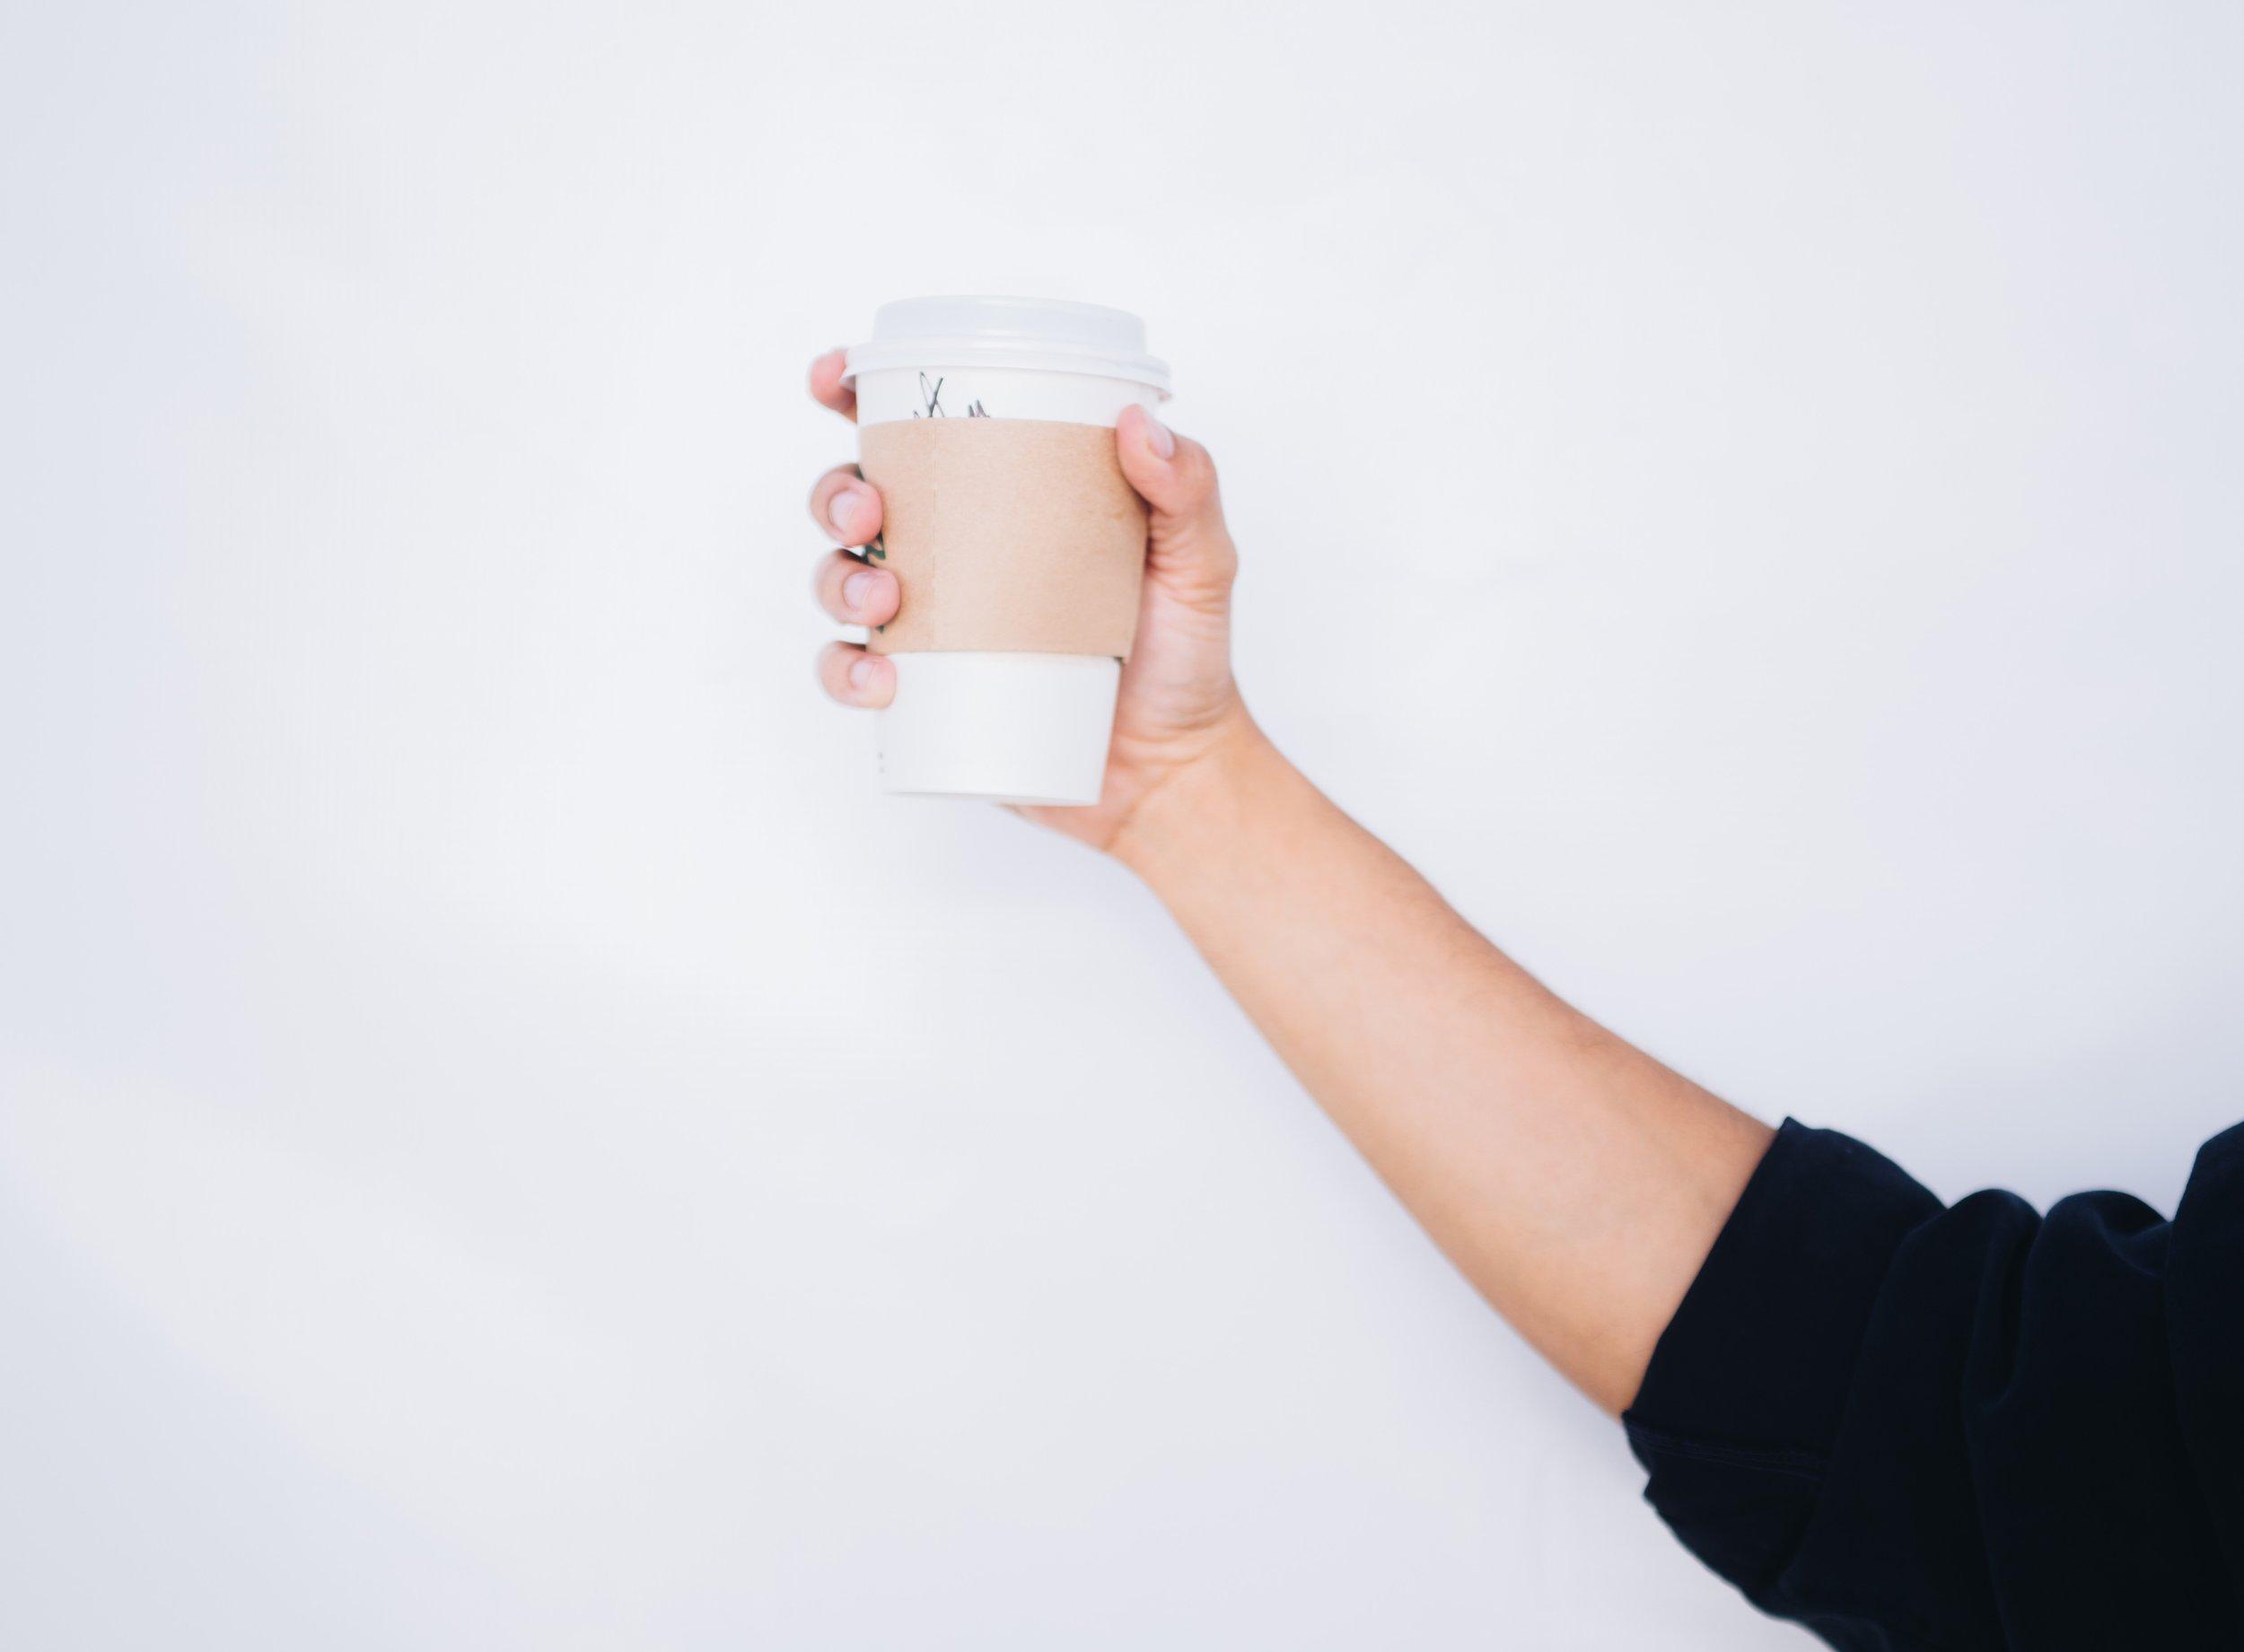 Let's grab some virtual coffee. -